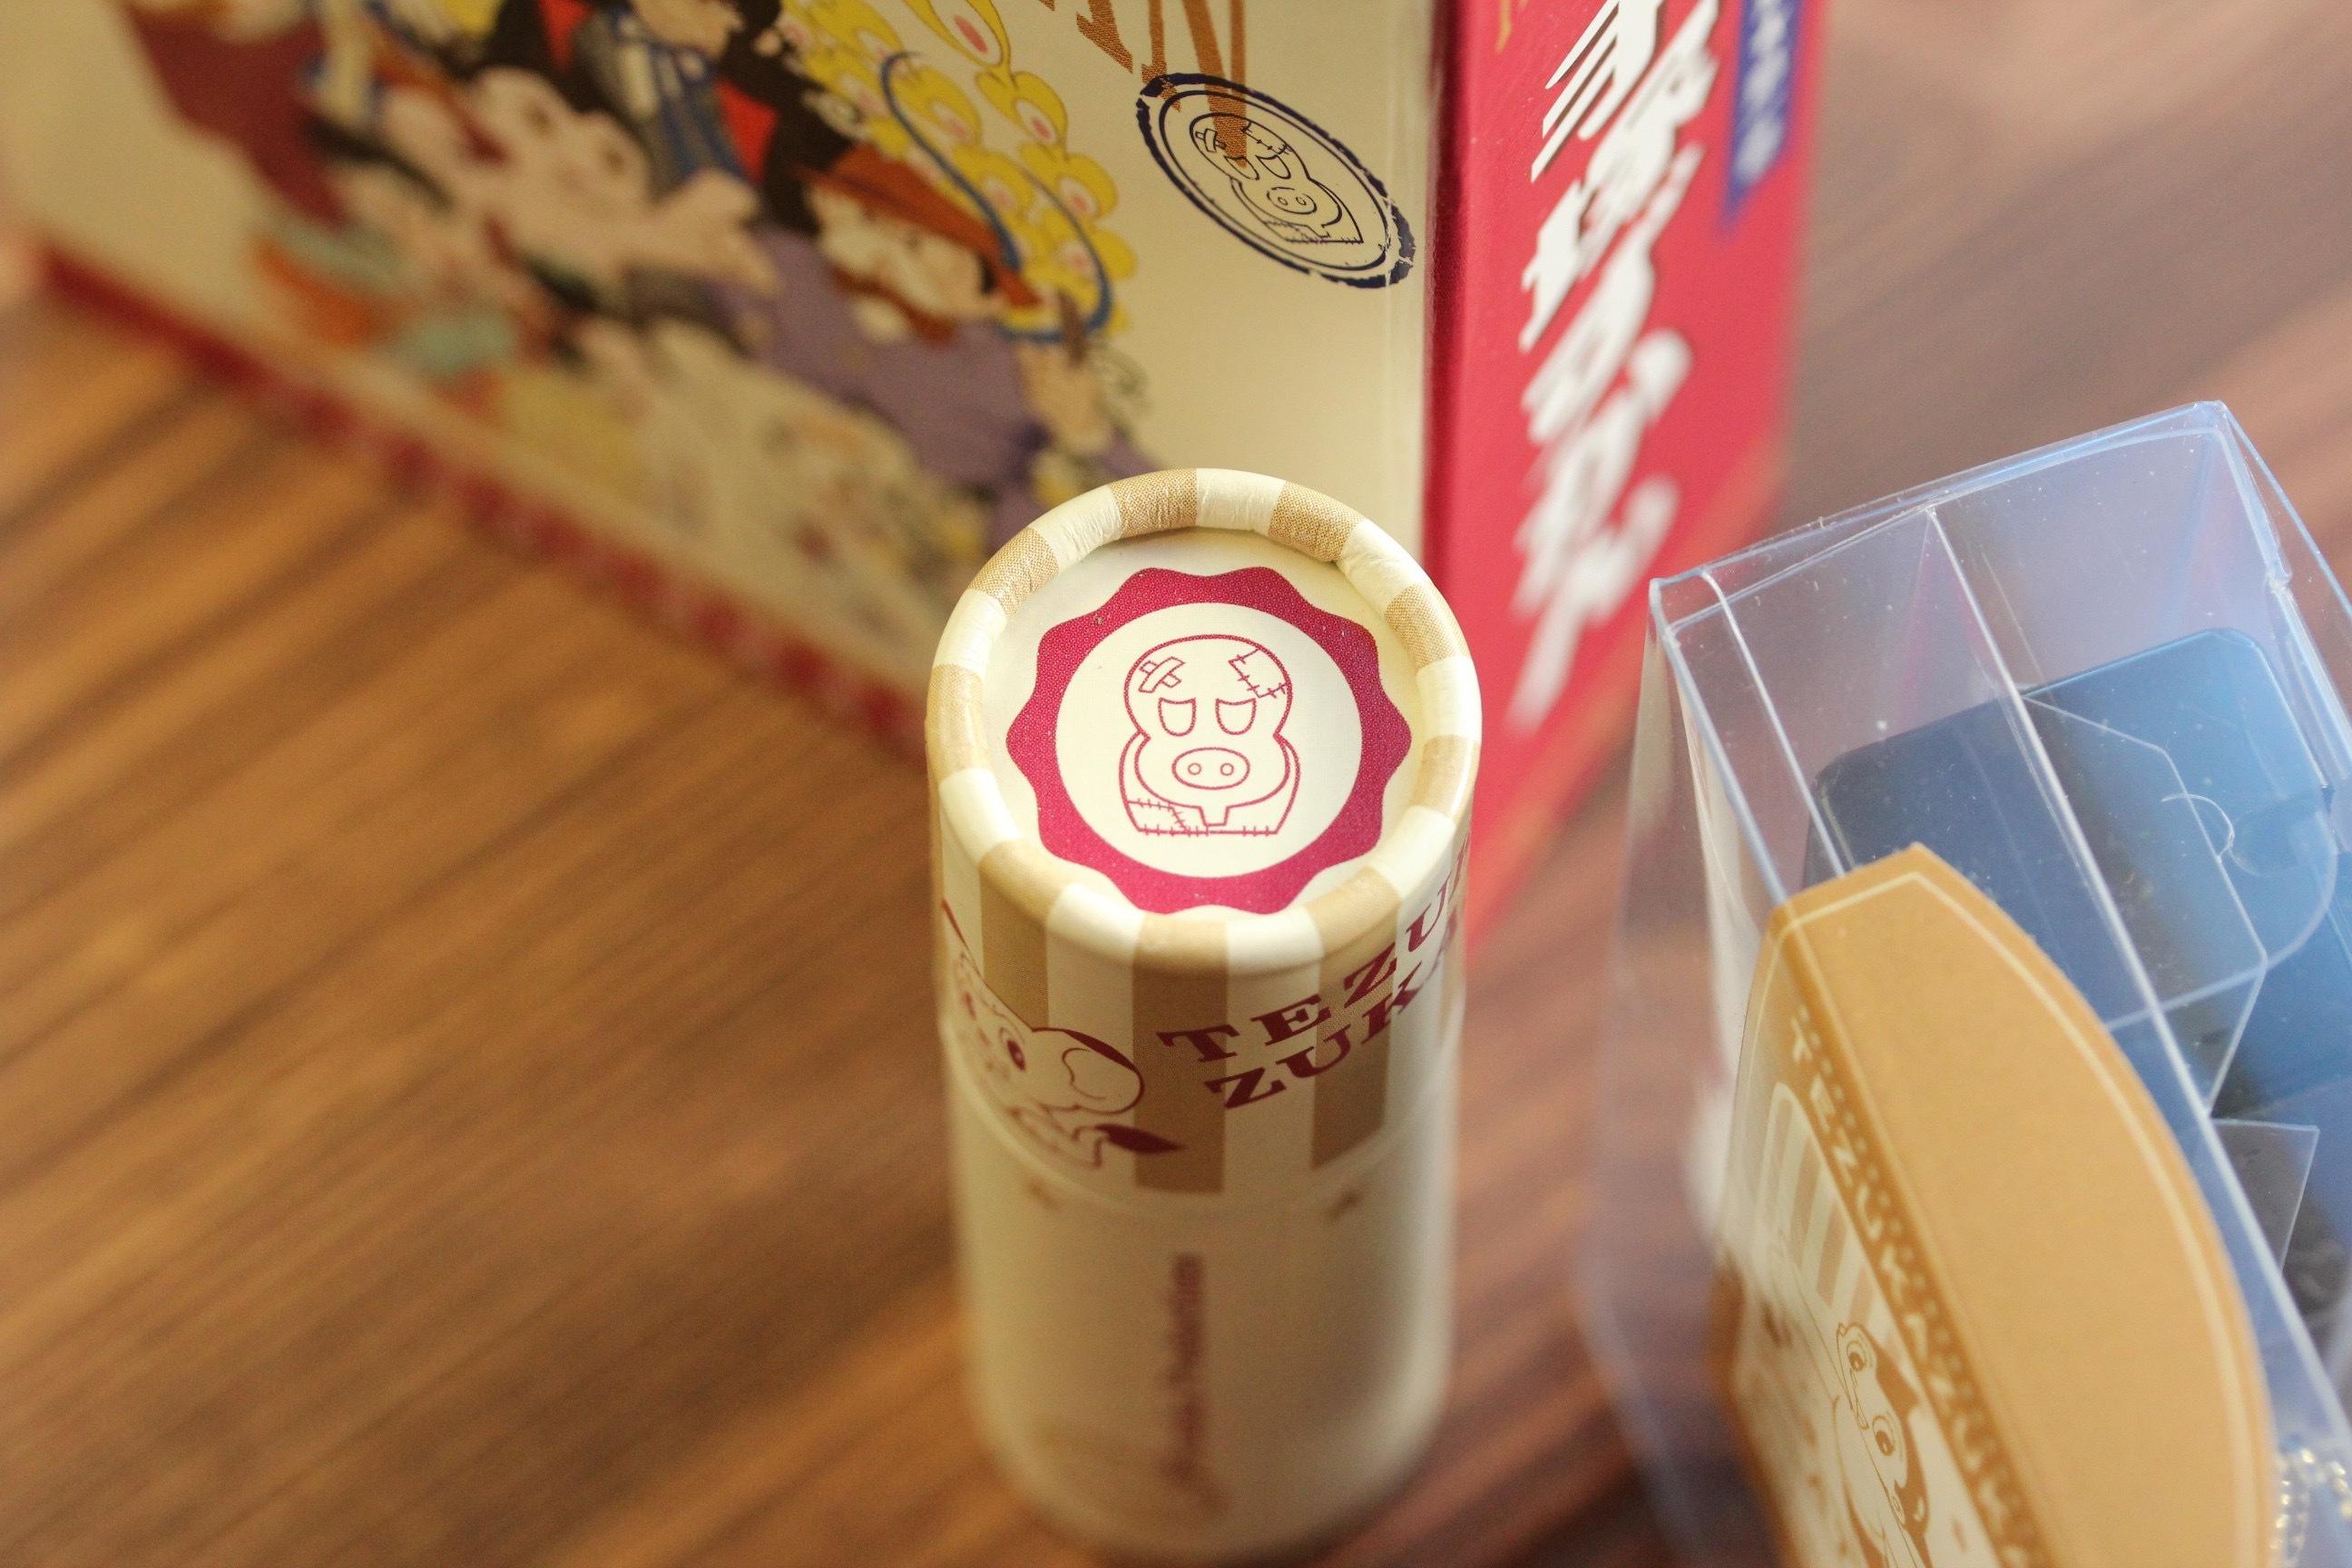 「手塚治虫キャラクターのハンコ」シリーズのプレゼントケース